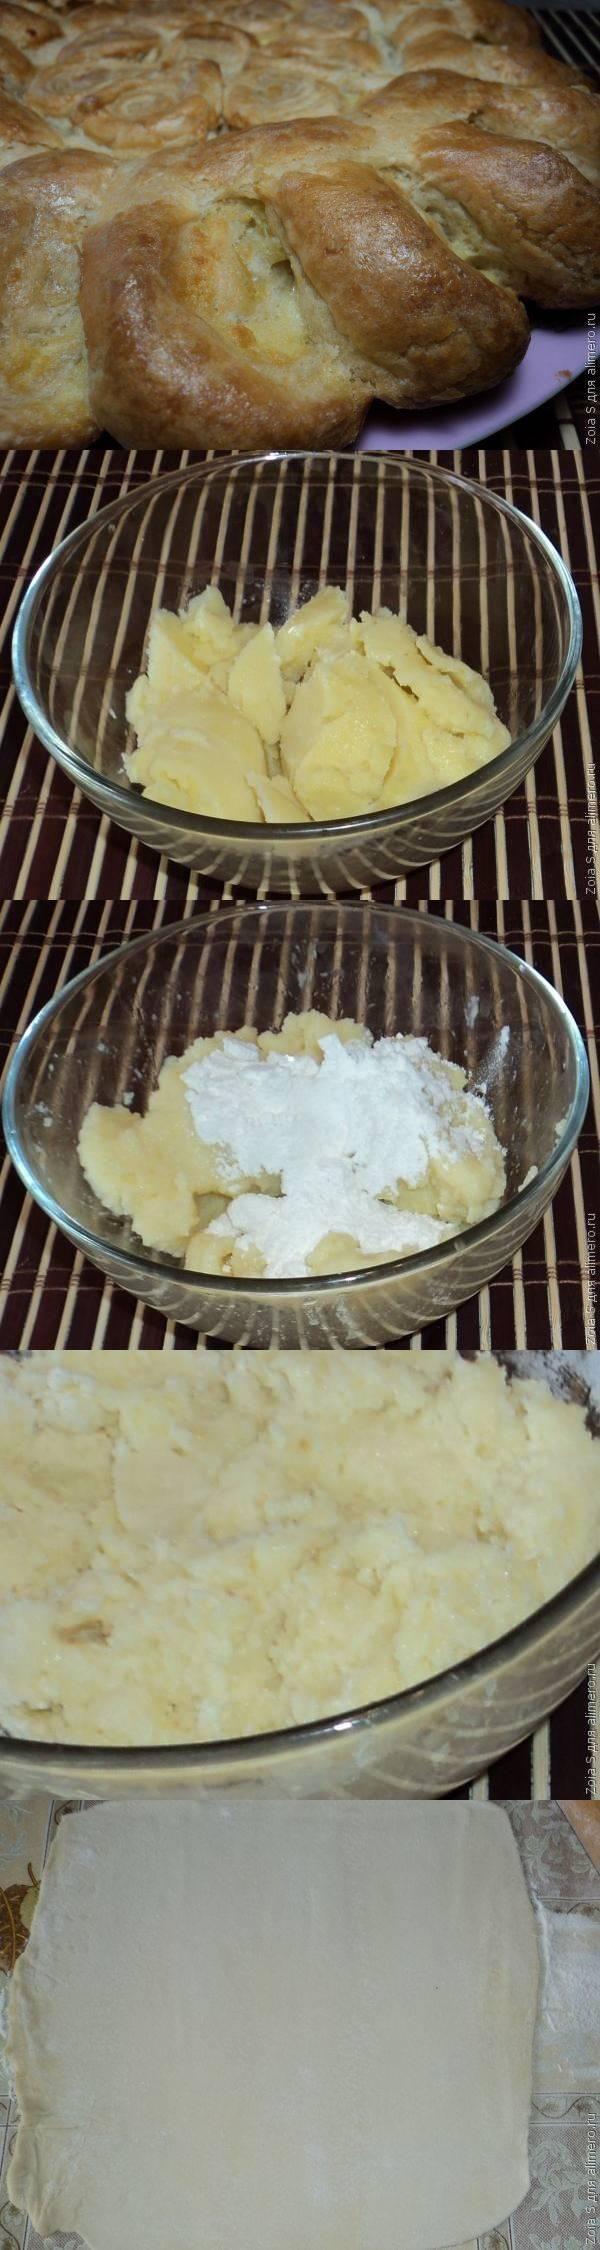 Пирог с картошкой «Цветочек»